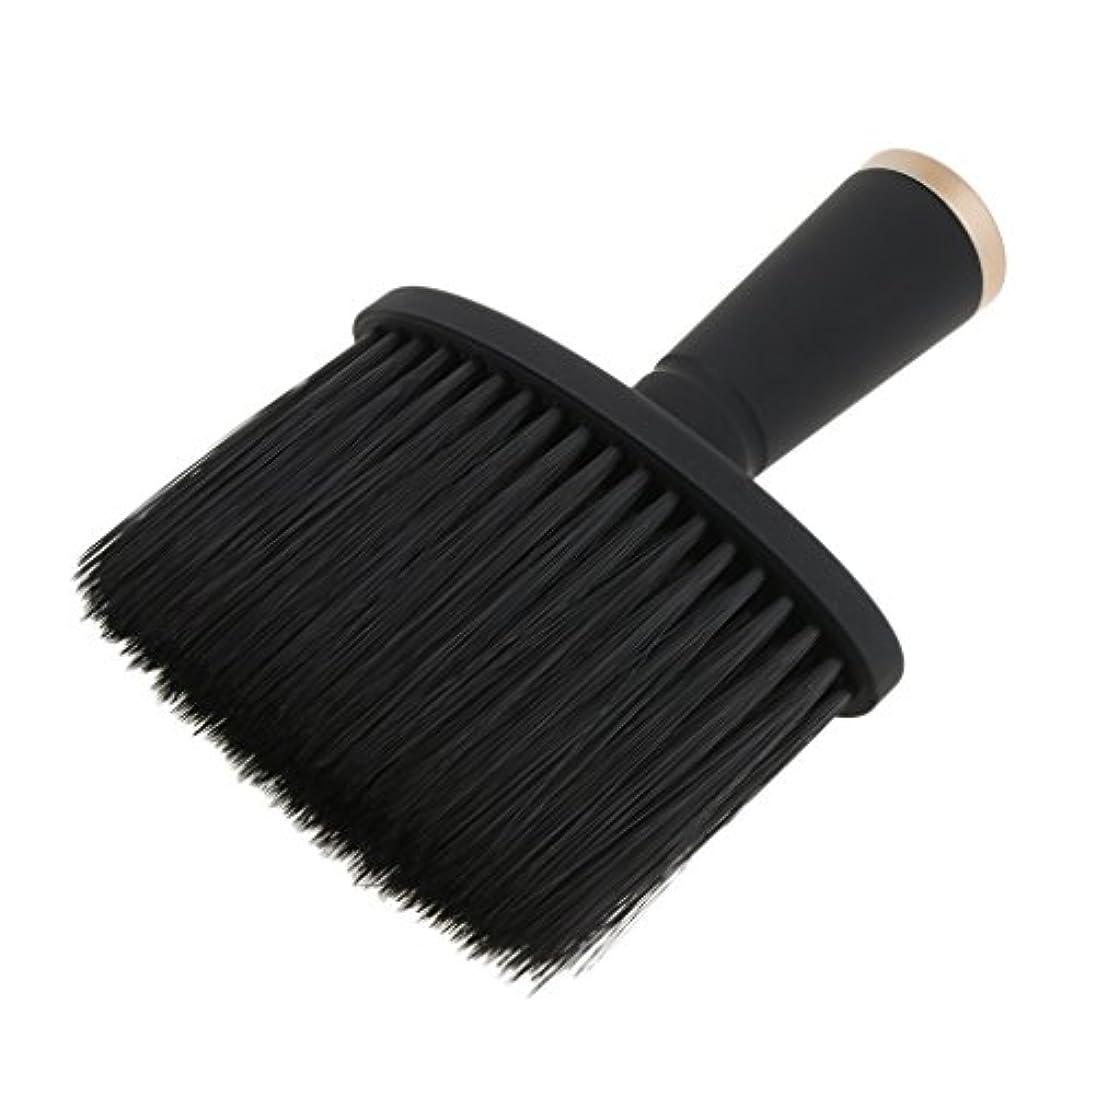 会員カナダ上へネックダスターブラシ ヘアカット ヘアブラシ ヘアスタイリスト 理髪 高品質 合成繊維+プラスチック 全2色 - ゴールド